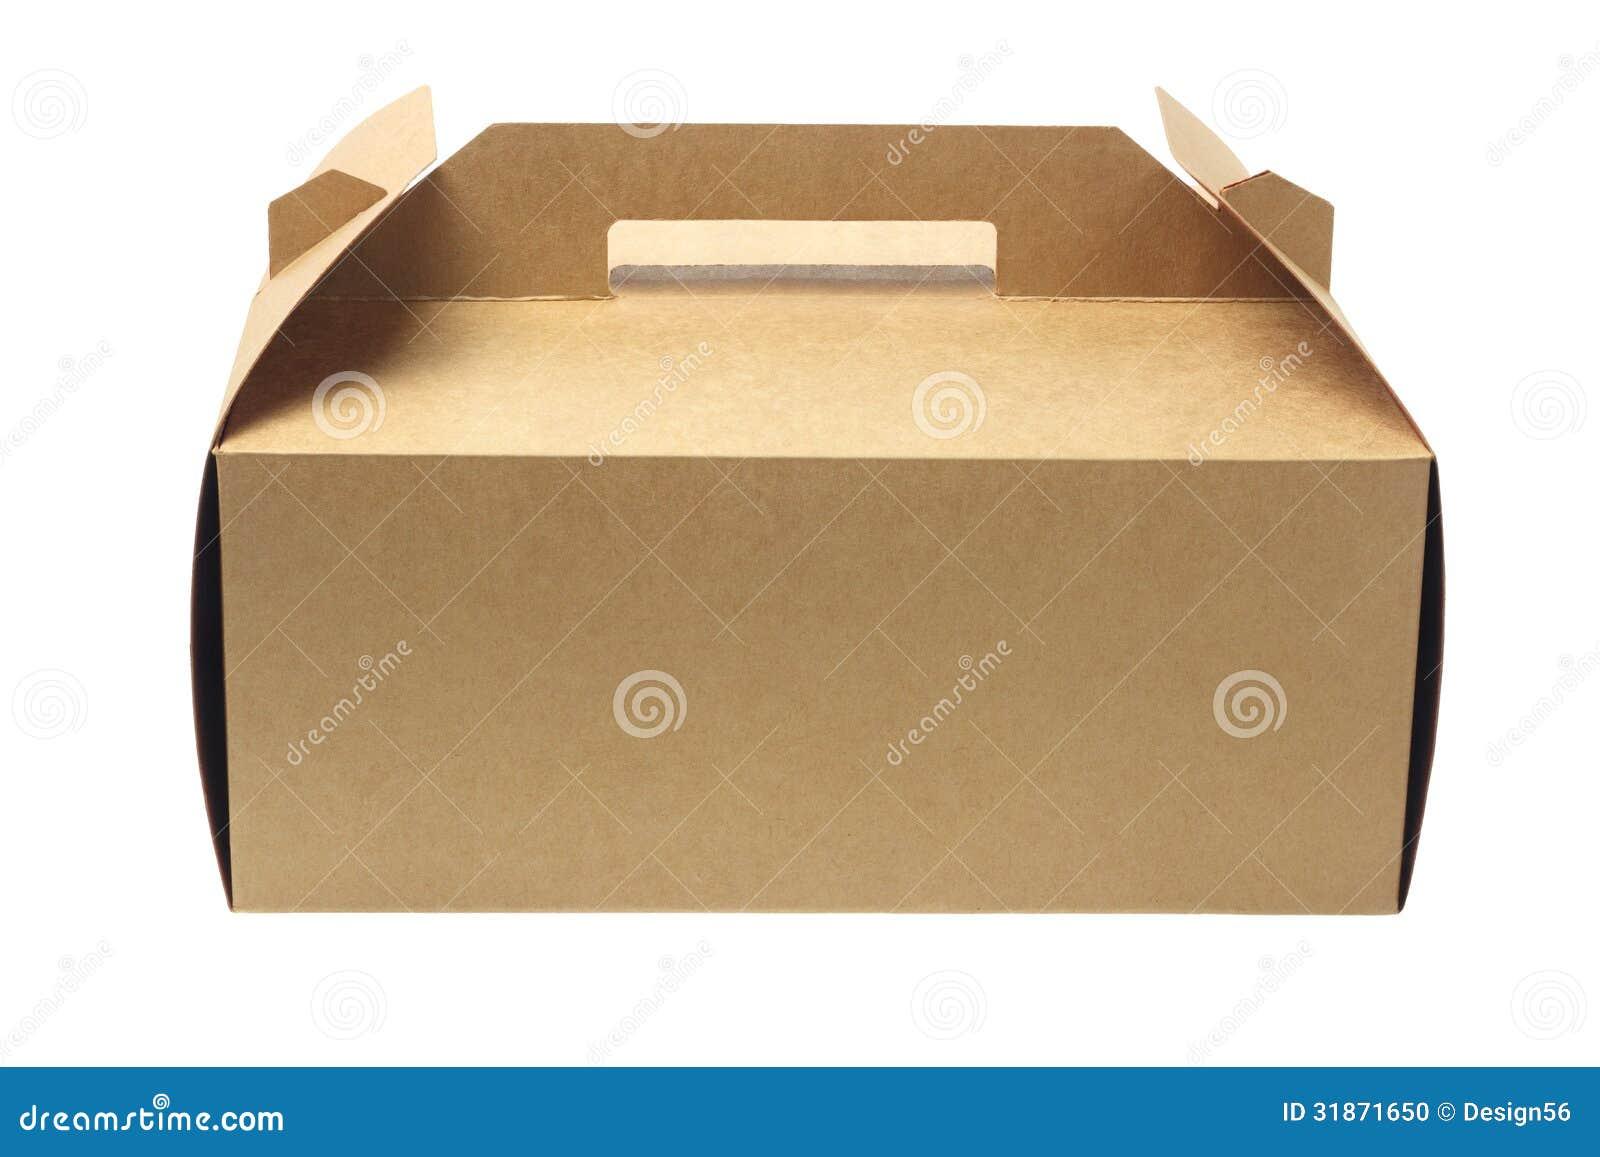 Cake Box Stock Photo - Image: 31871650